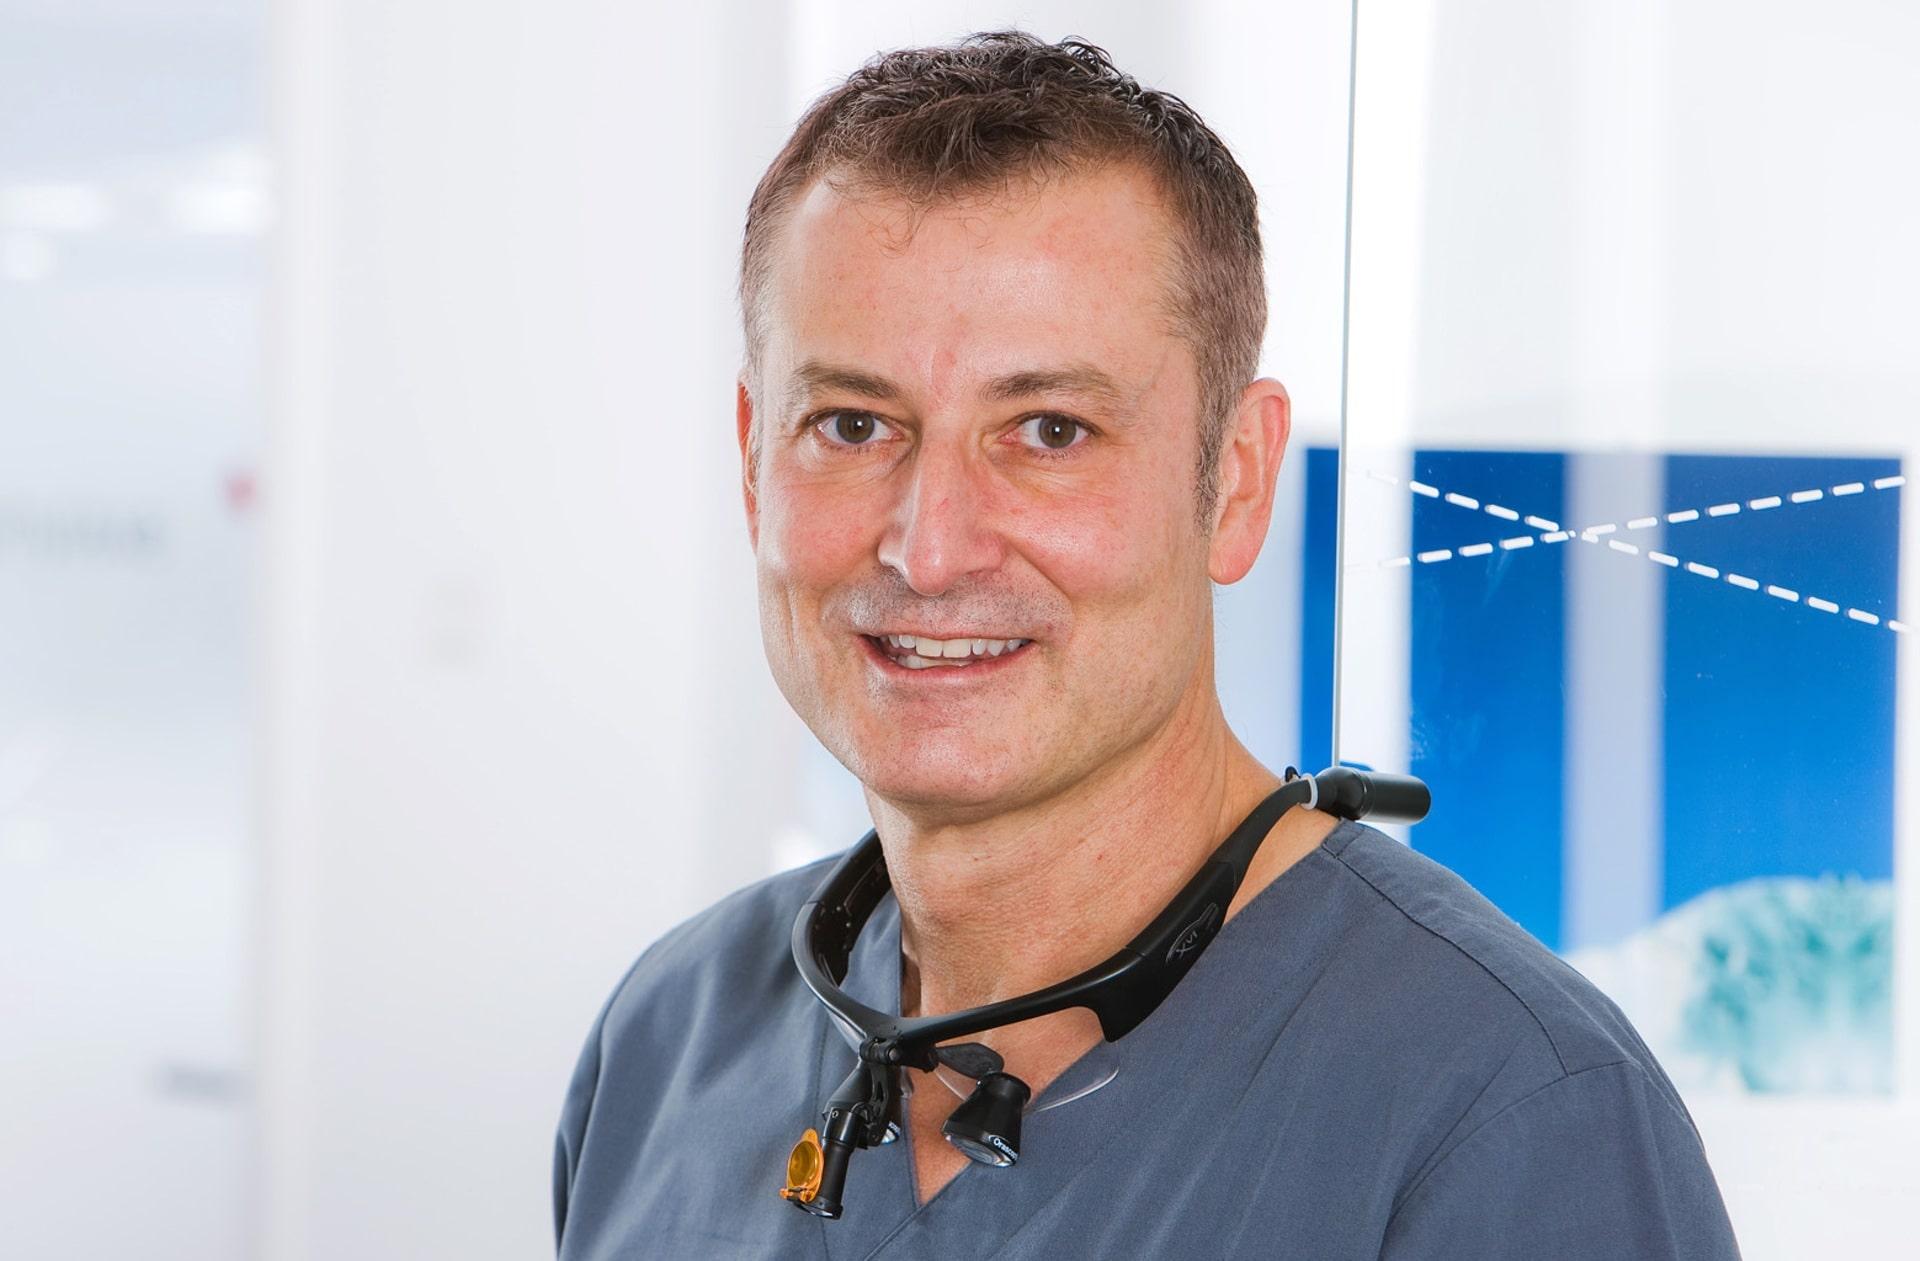 Implantologe Dr. Rüdiger Mintert in Herne